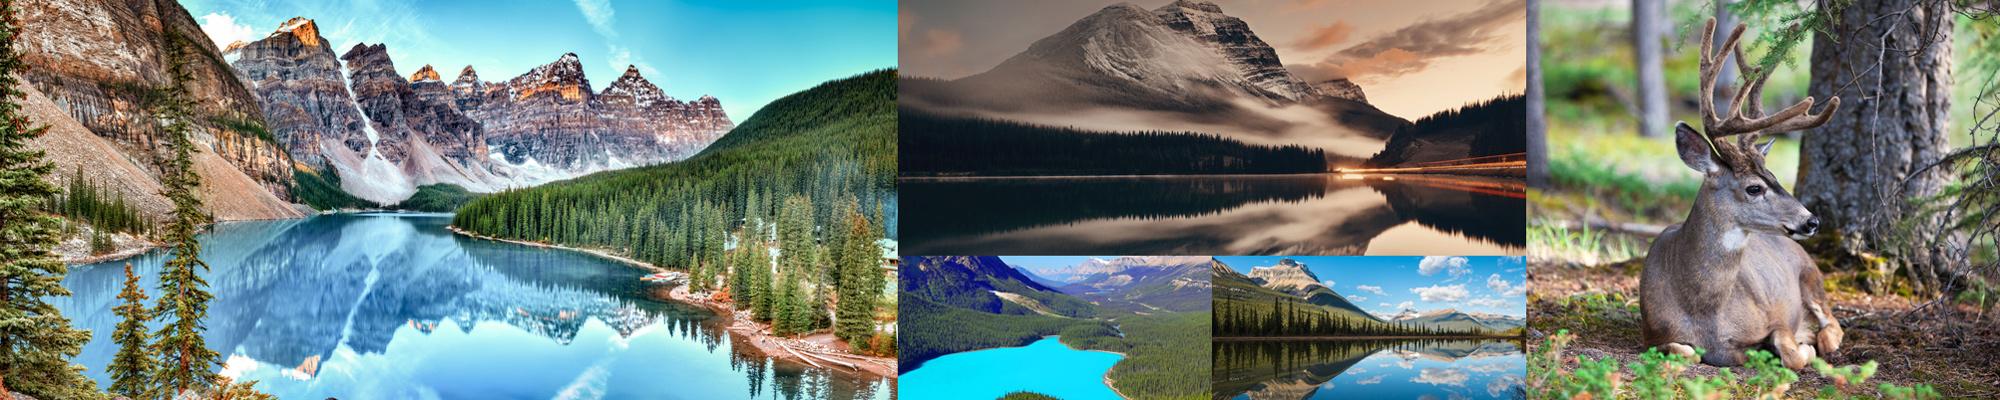 parco nazionale Banff in Canada